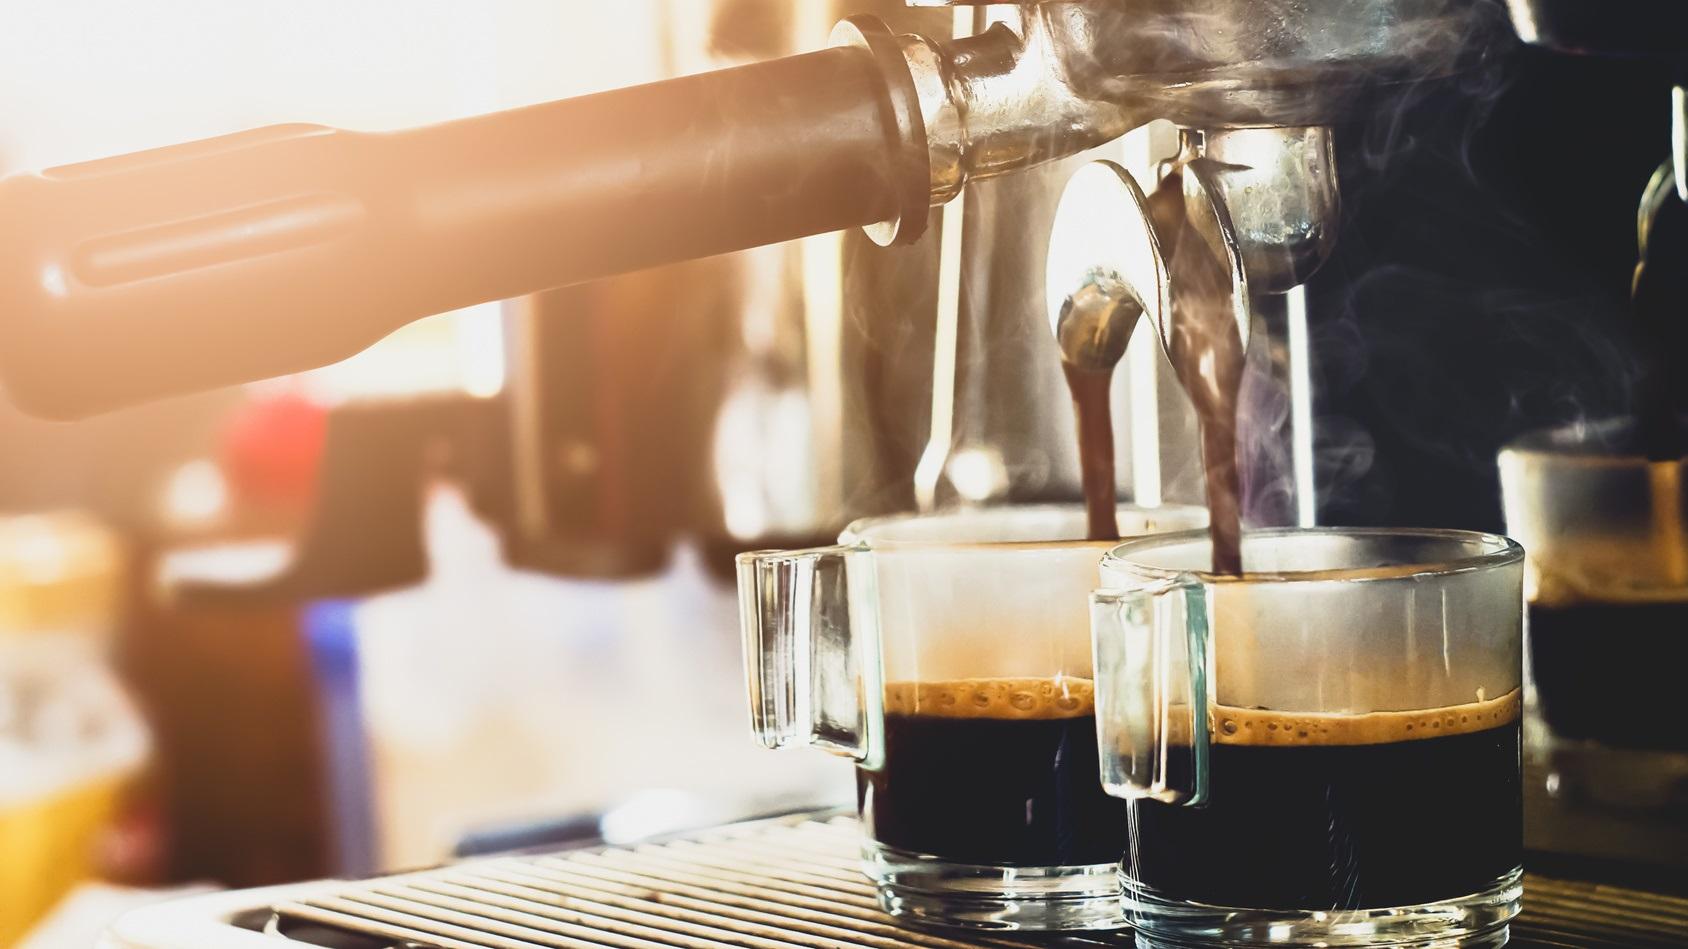 Jak smakuje kawa?